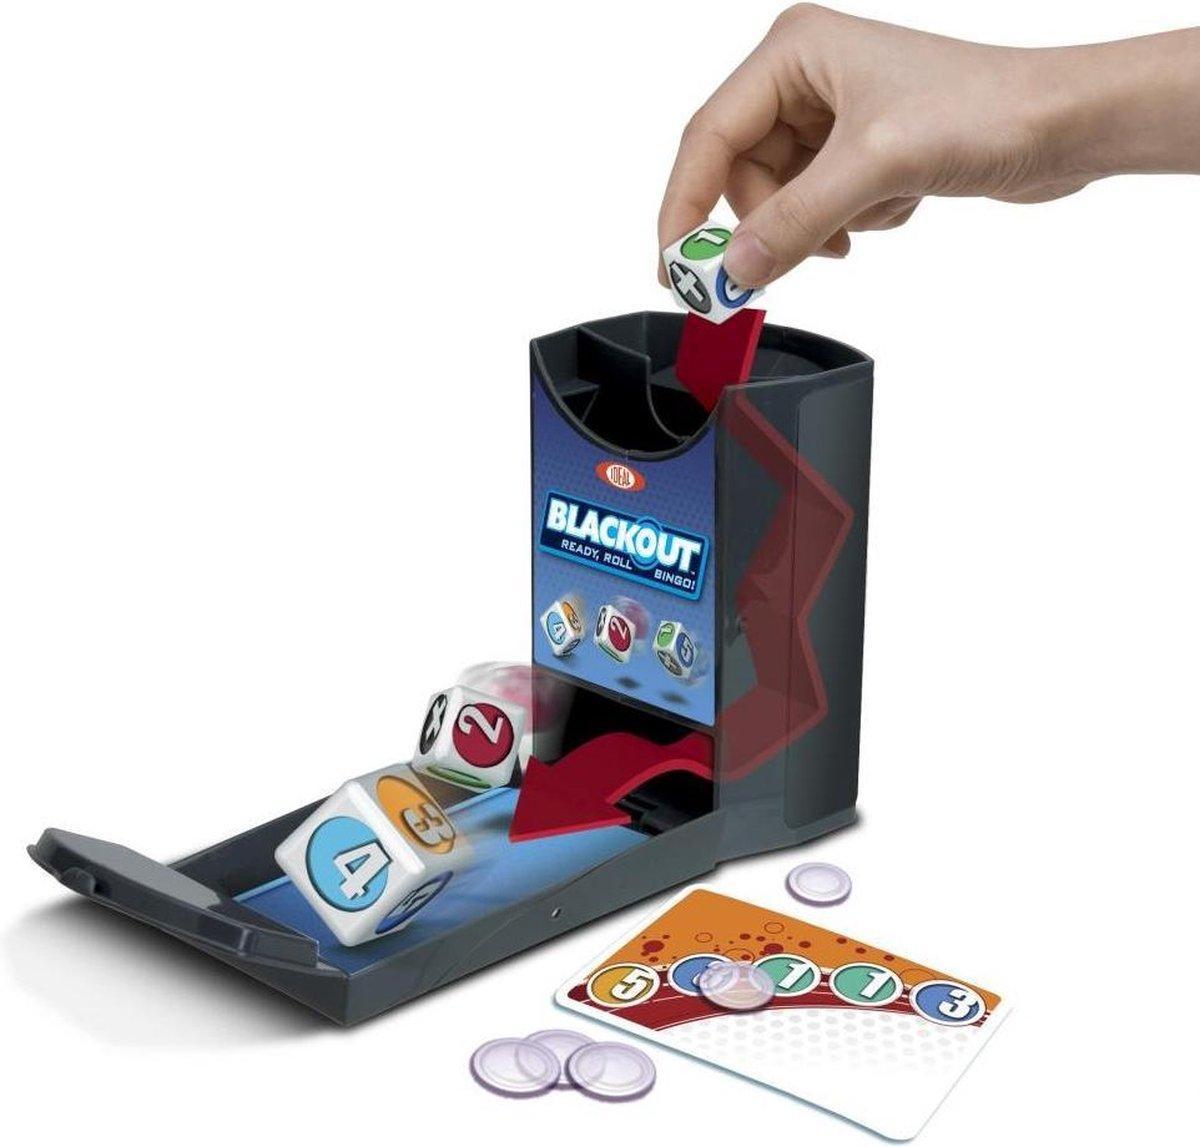 All In Dice Game dobbelspel kaartspel